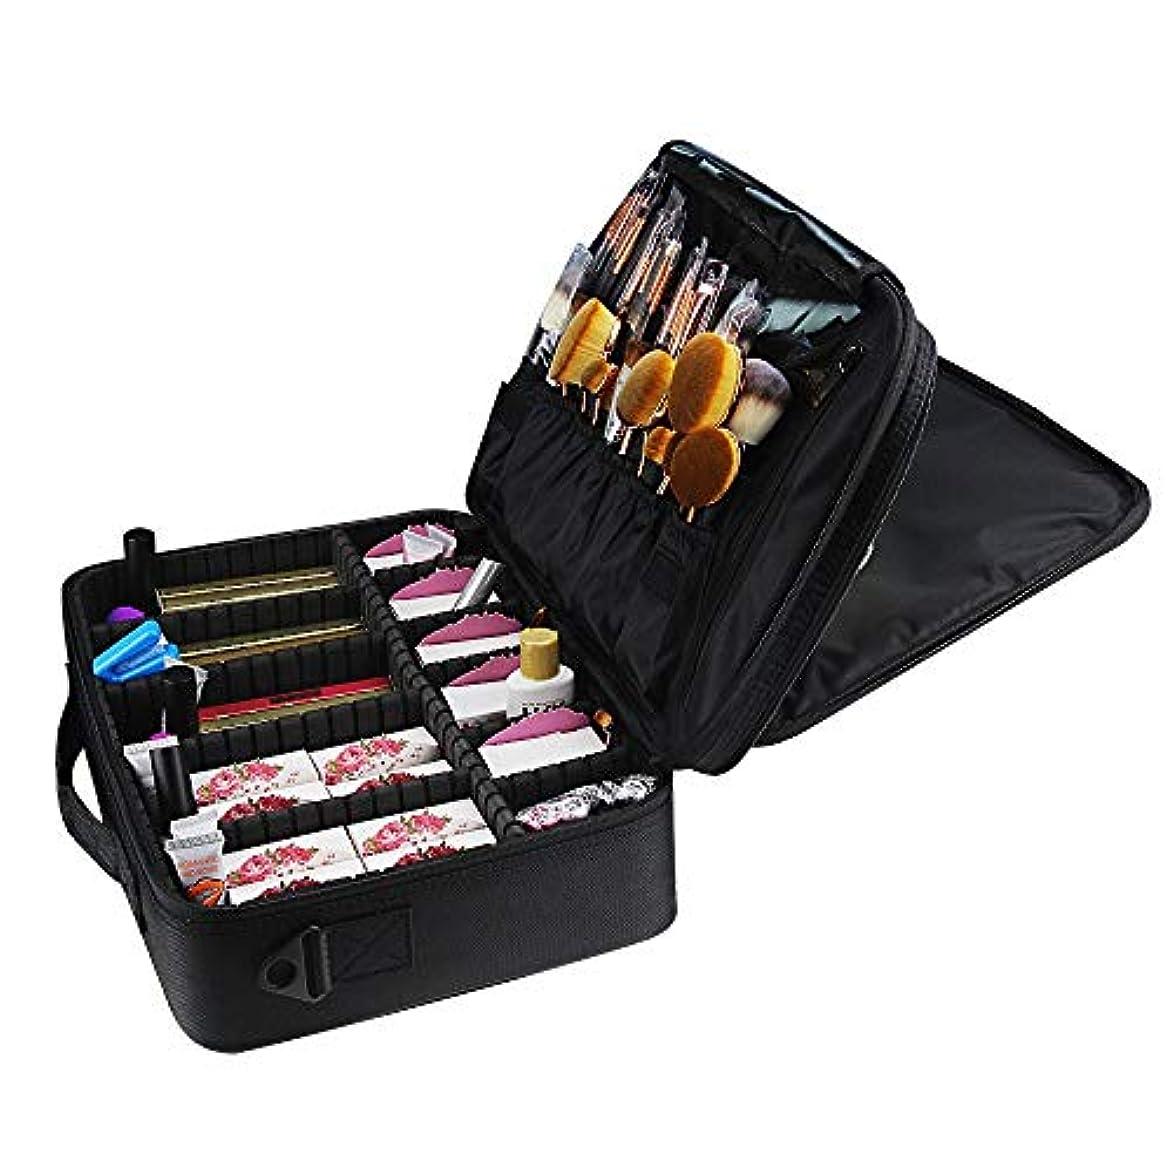 拡声器読書バッグ特大スペース収納ビューティーボックス 女の子および女性のための調節可能な肩ひものディバイダーの収納箱が付いている旅行化粧品袋の革収納袋 化粧品化粧台 (色 : ブラック)